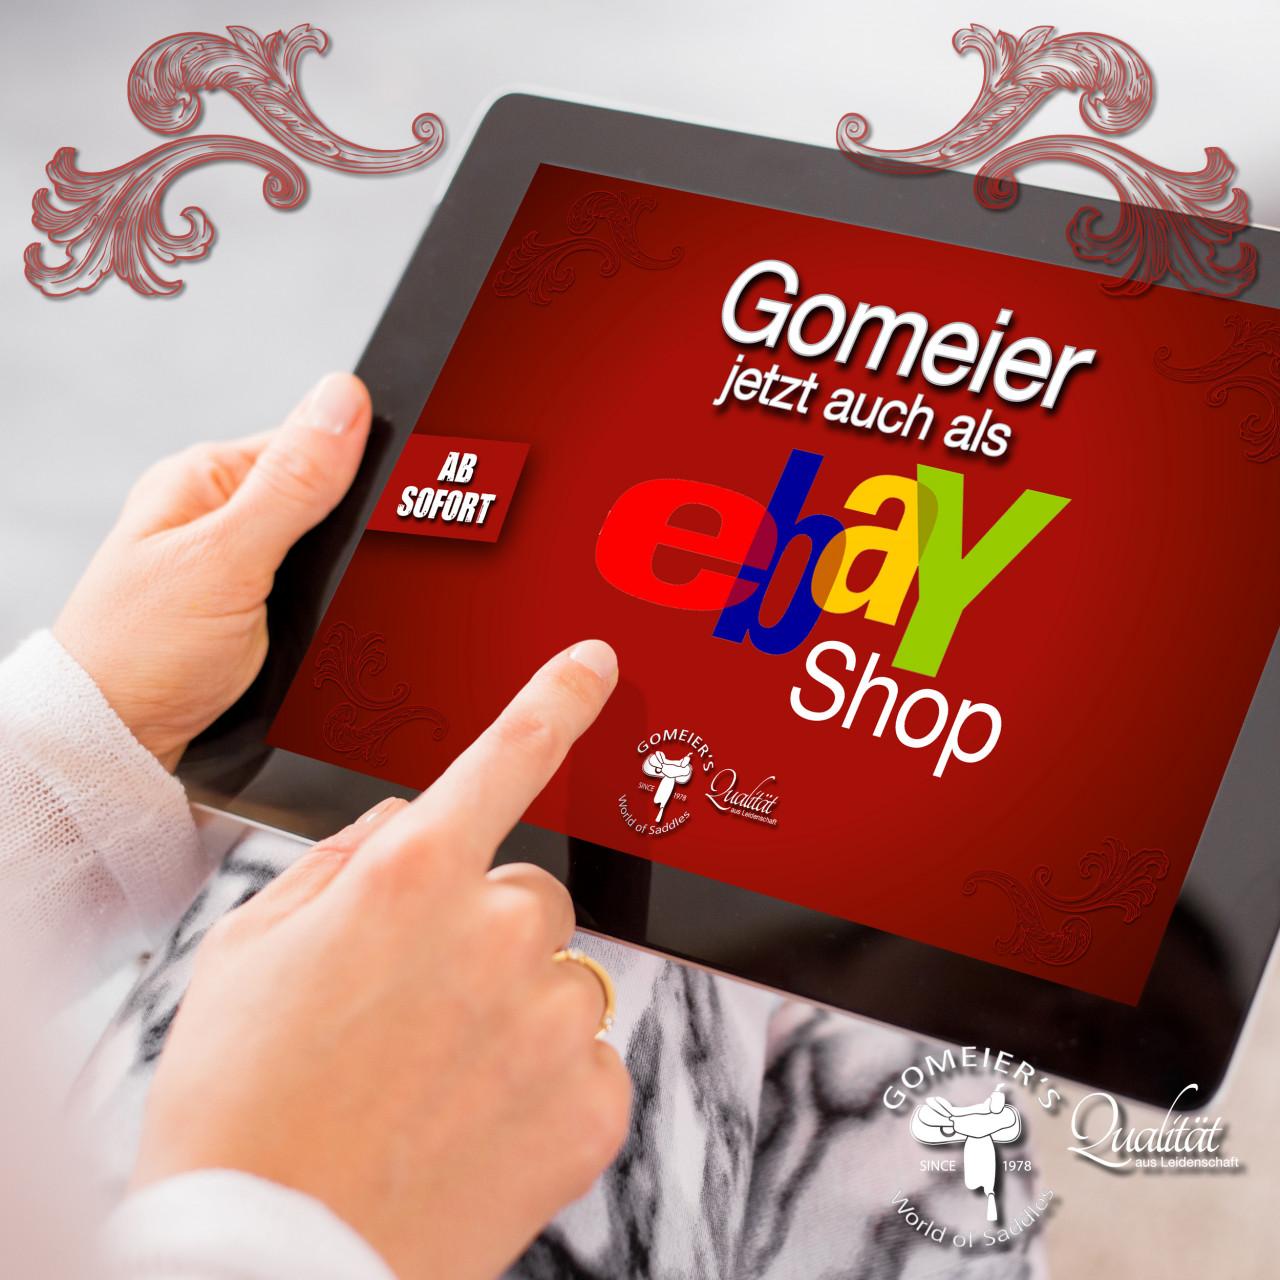 Gomeiers-Facebook-und-Instagram-Ebay-Shop